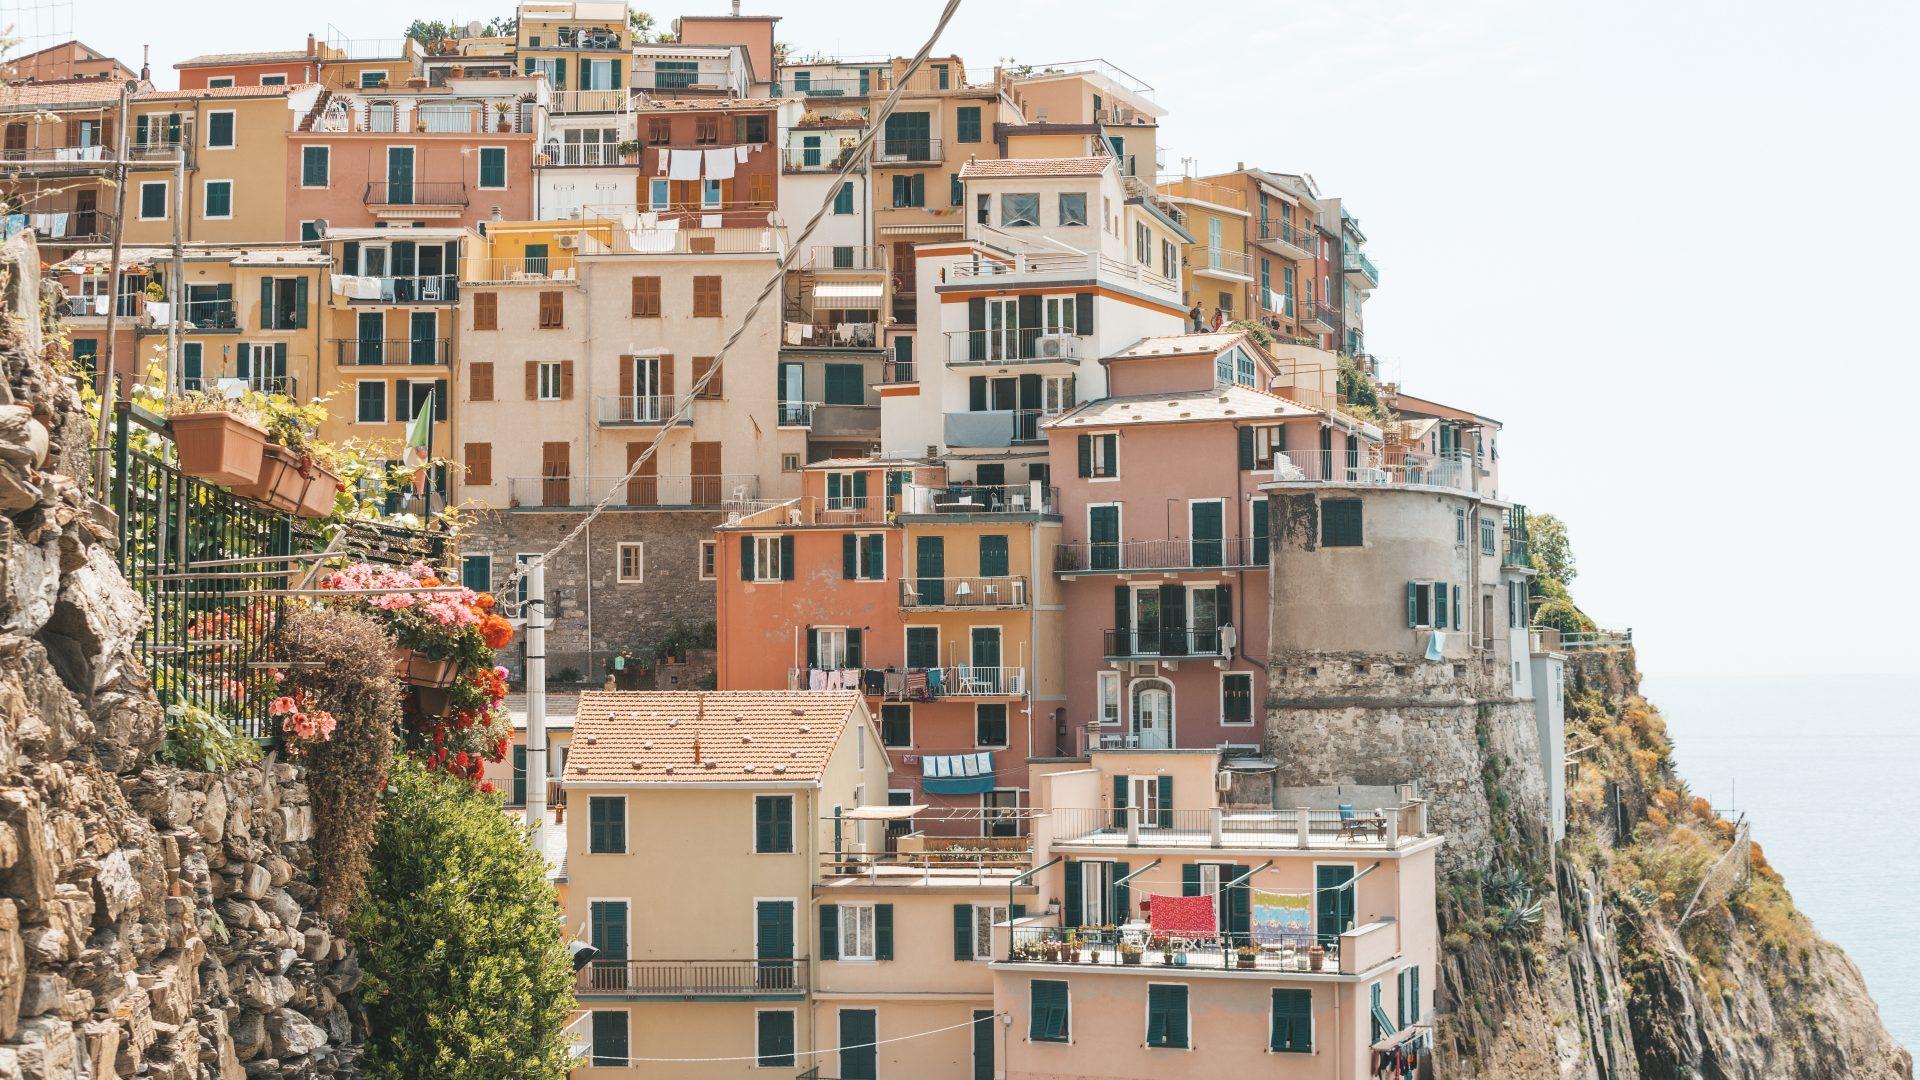 Qué ver y qué hacer en Cinque Terre en 2 días